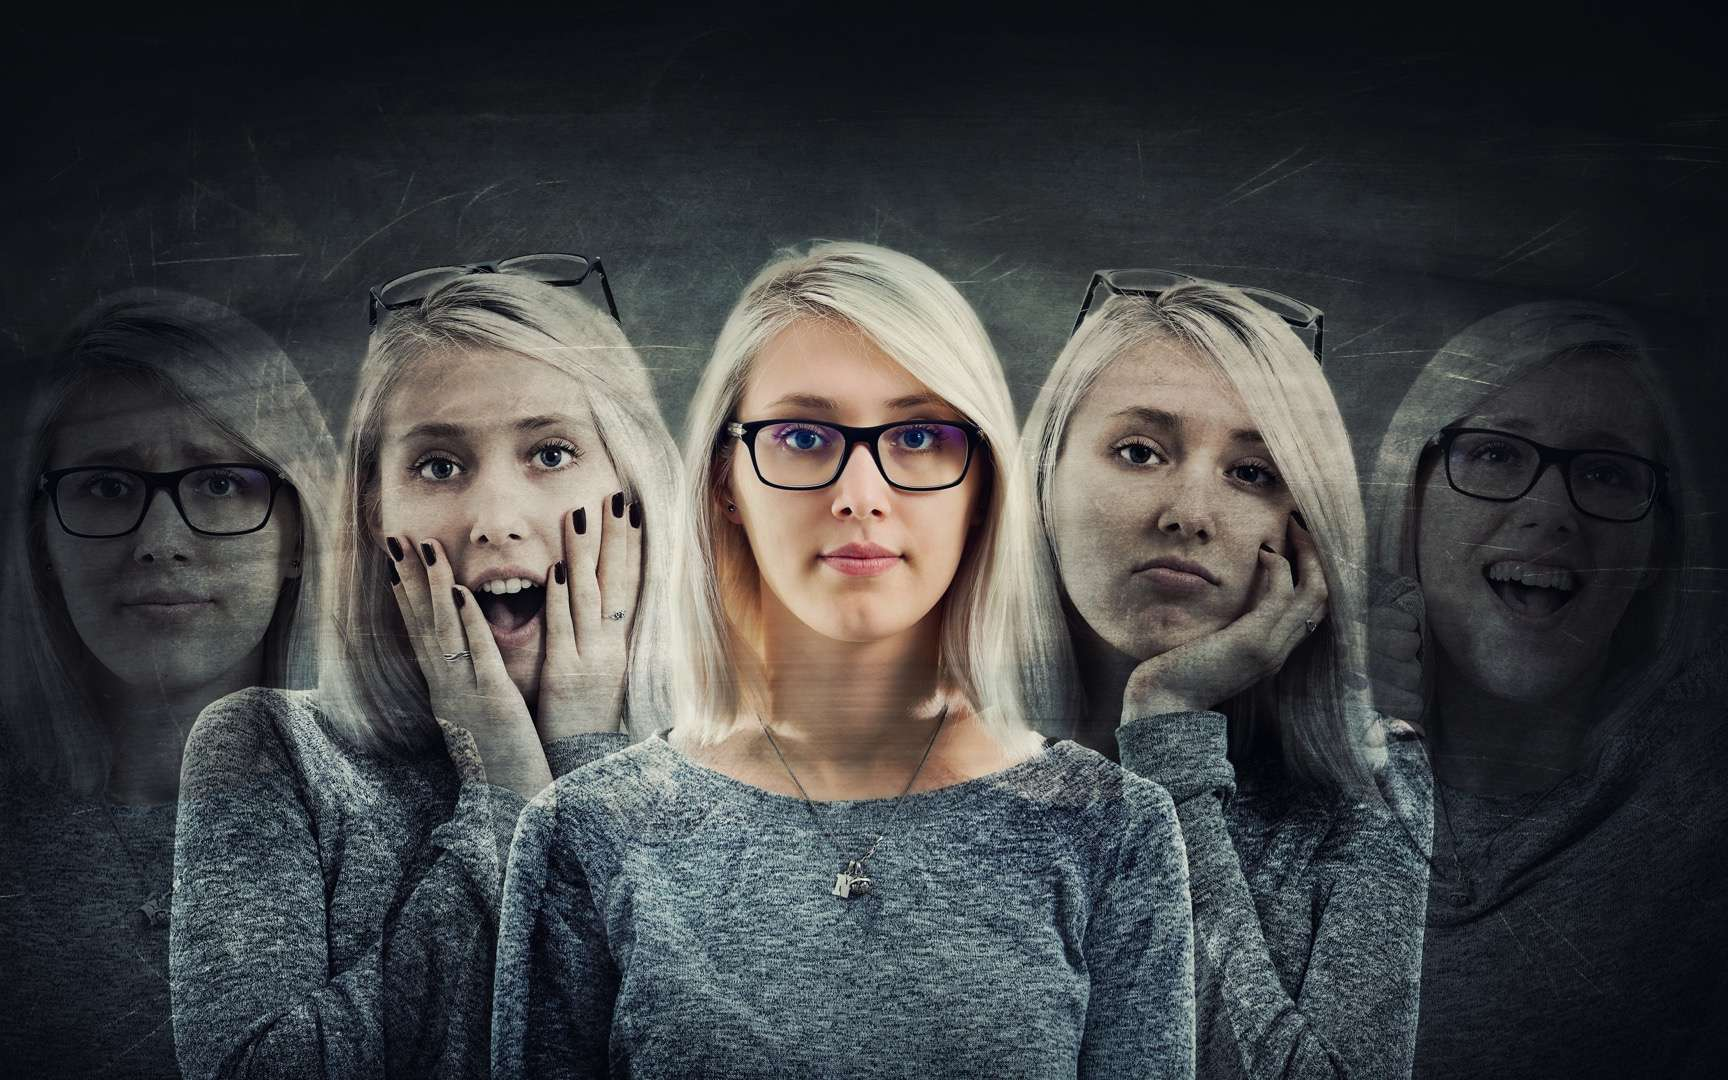 Les émotions sont importantes pour focaliser notre attention sur un problème. © Maxim Malevich, Fotolia